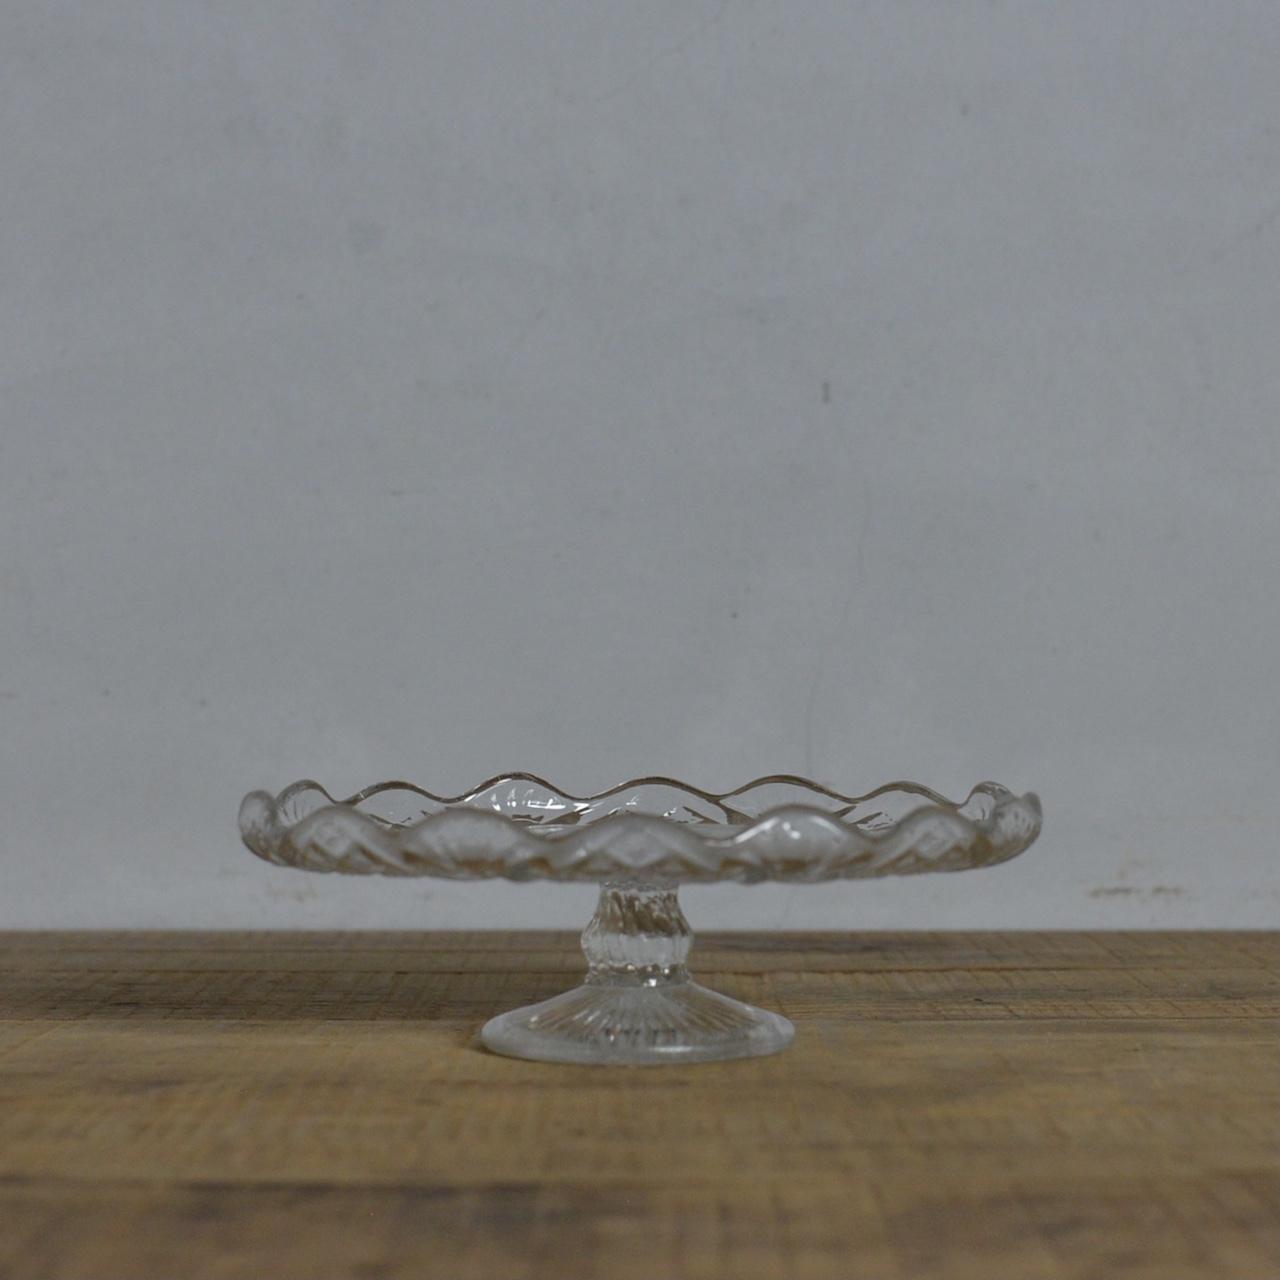 Compote  / コンポート【C】〈ケーキスタンド・食器・プレスガラス〉112141